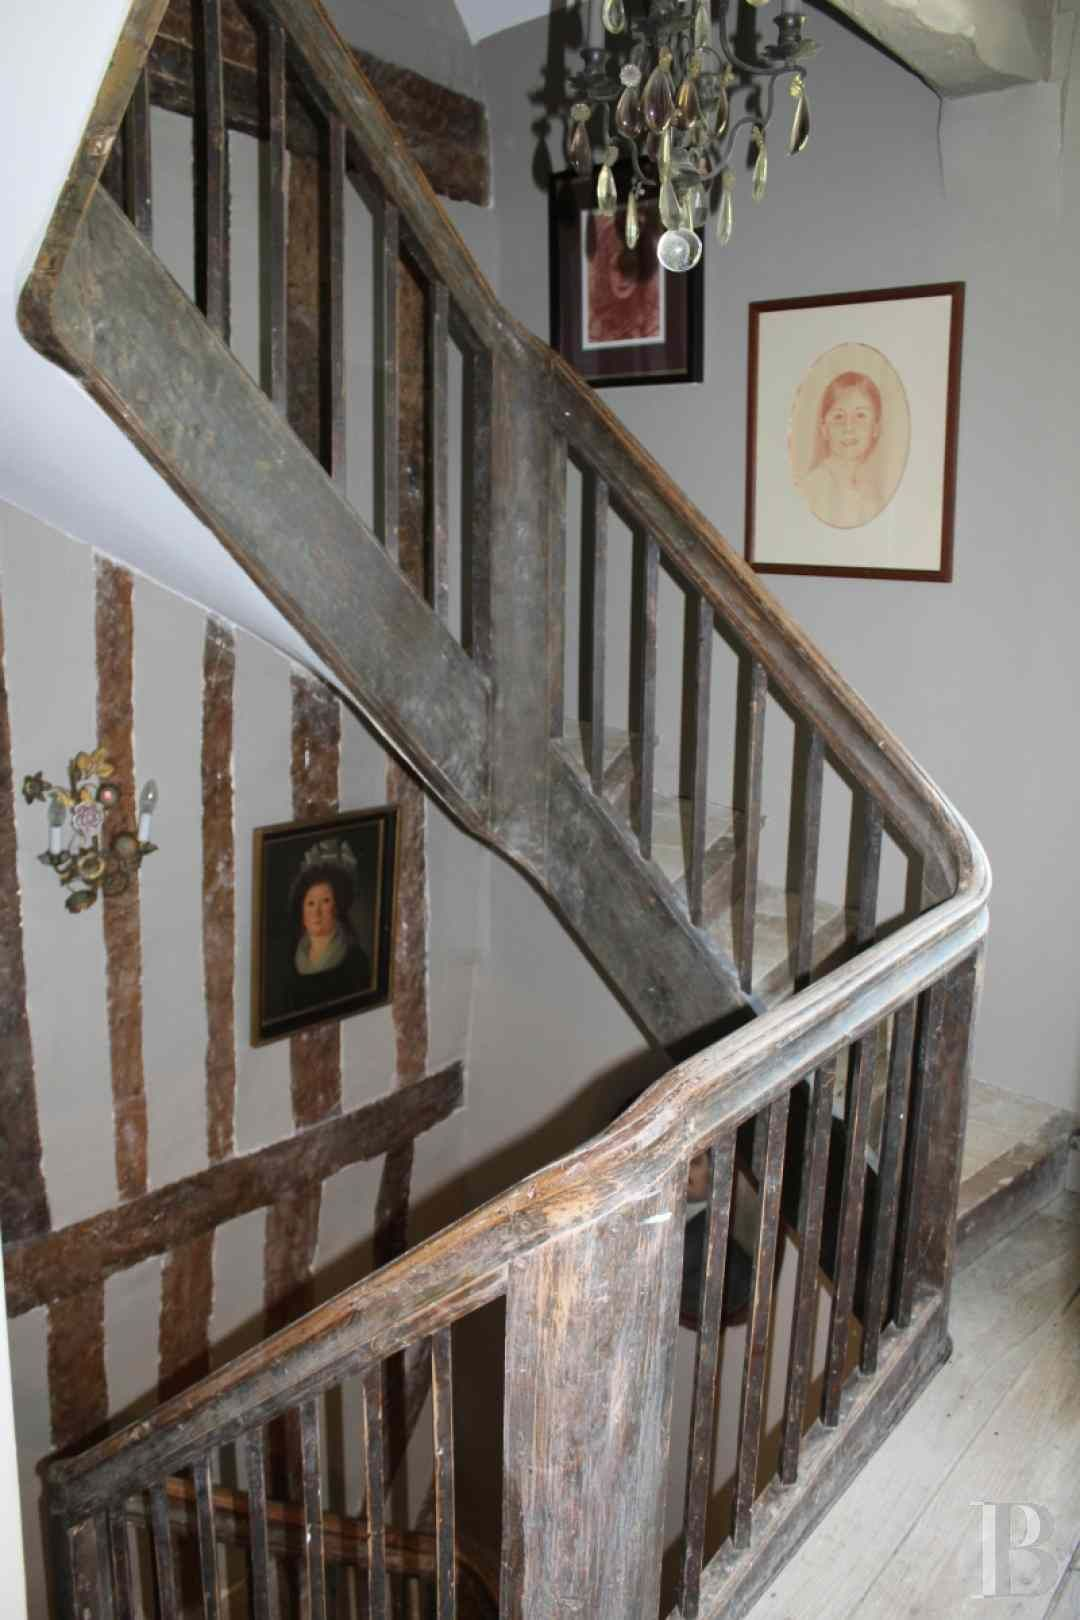 16th Century French Home - cb5e196637c0d010bd78f4e090c79b9a_Amazing 16th Century French Home - cb5e196637c0d010bd78f4e090c79b9a  Trends_13614.jpg